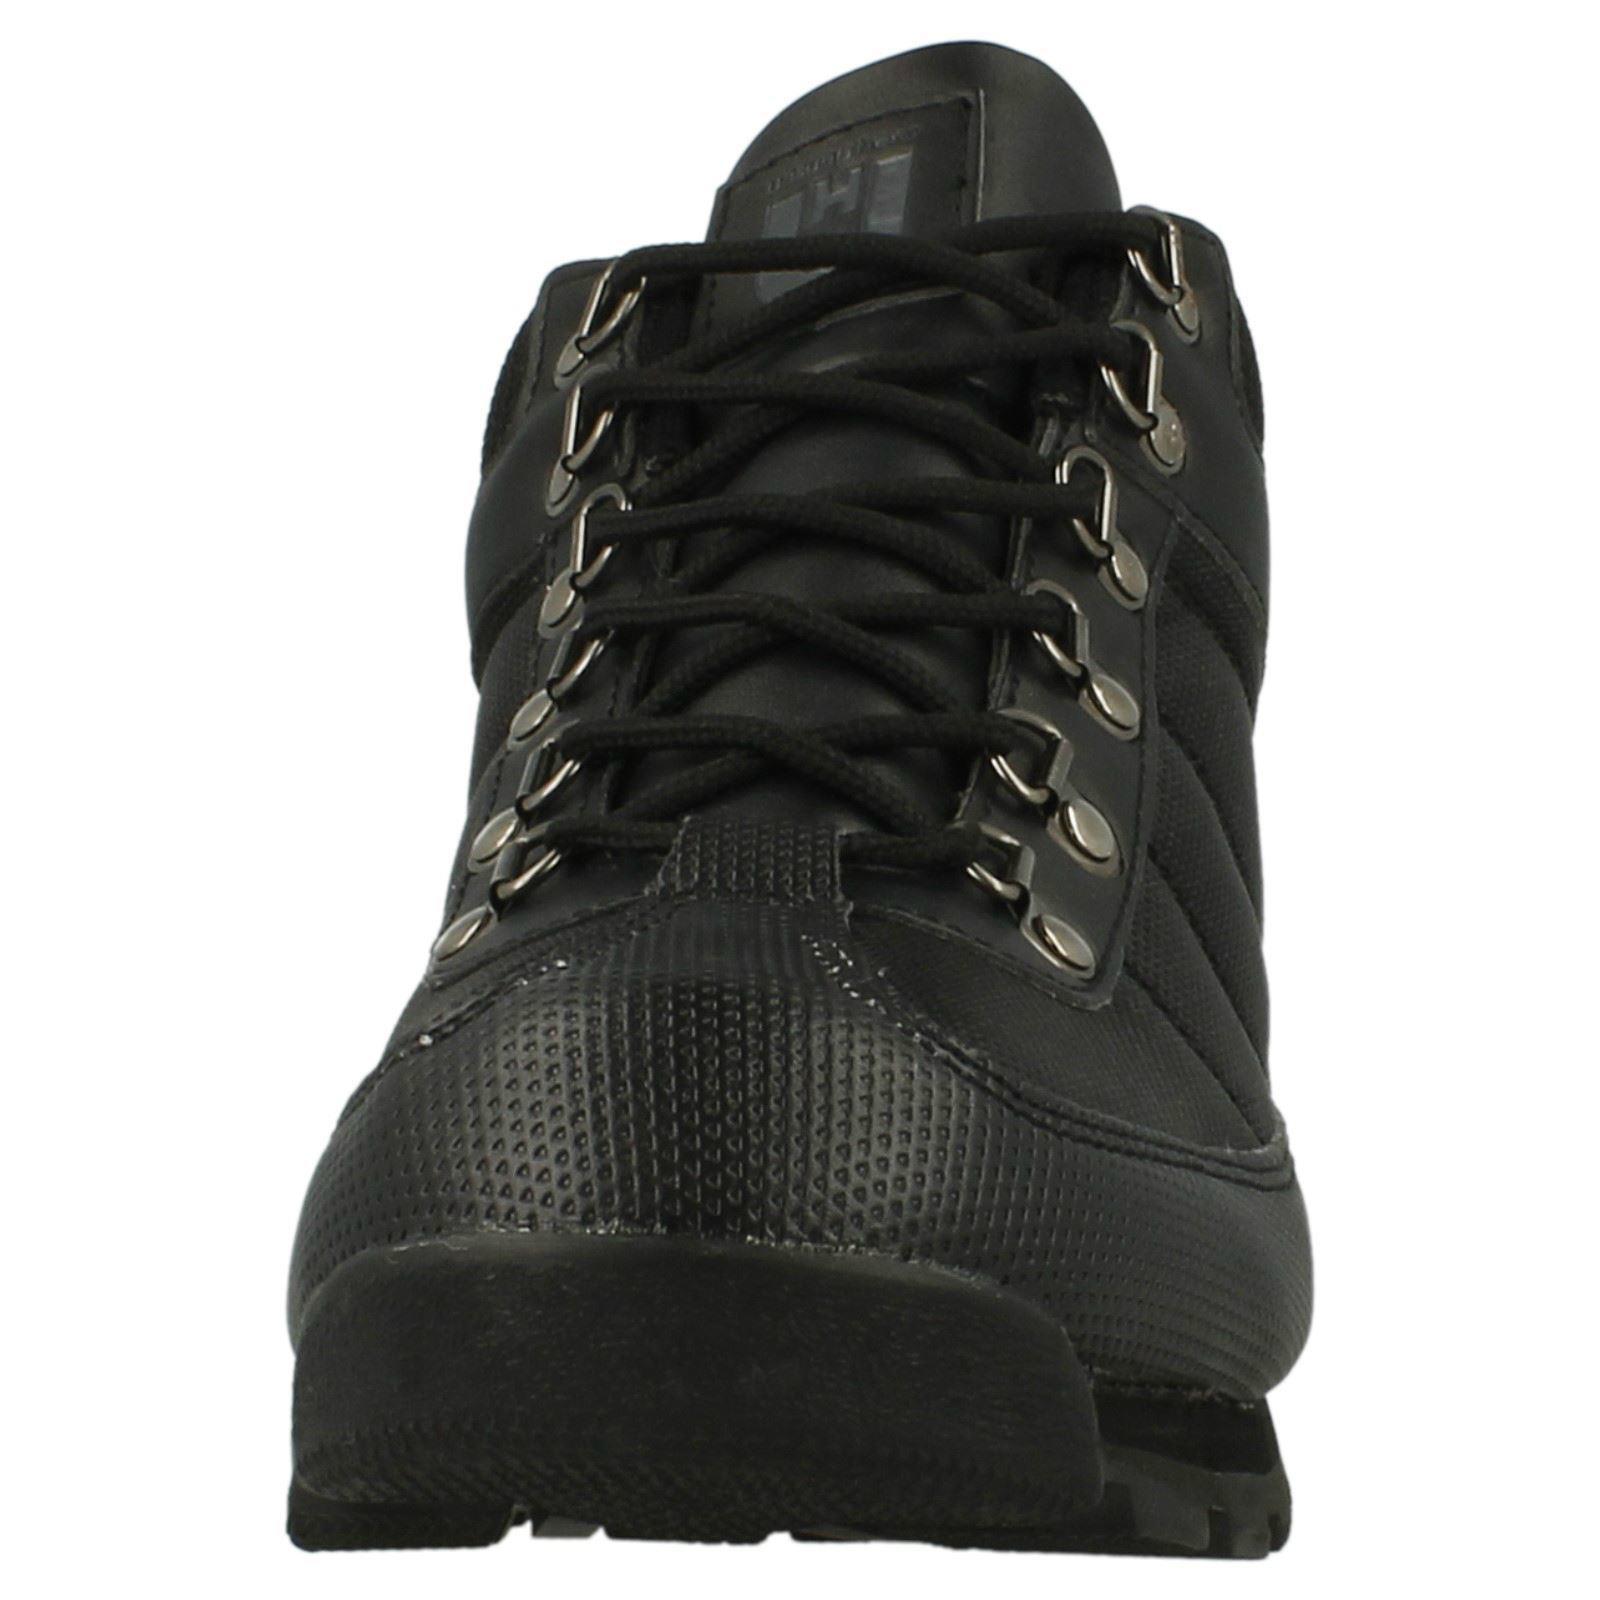 Henleys-unsunghero-Para-hombre-Botas-para-Caminar-Con-Cordones-Zapatos-De-Invierno-Al-Aire-Libre-7 miniatura 11